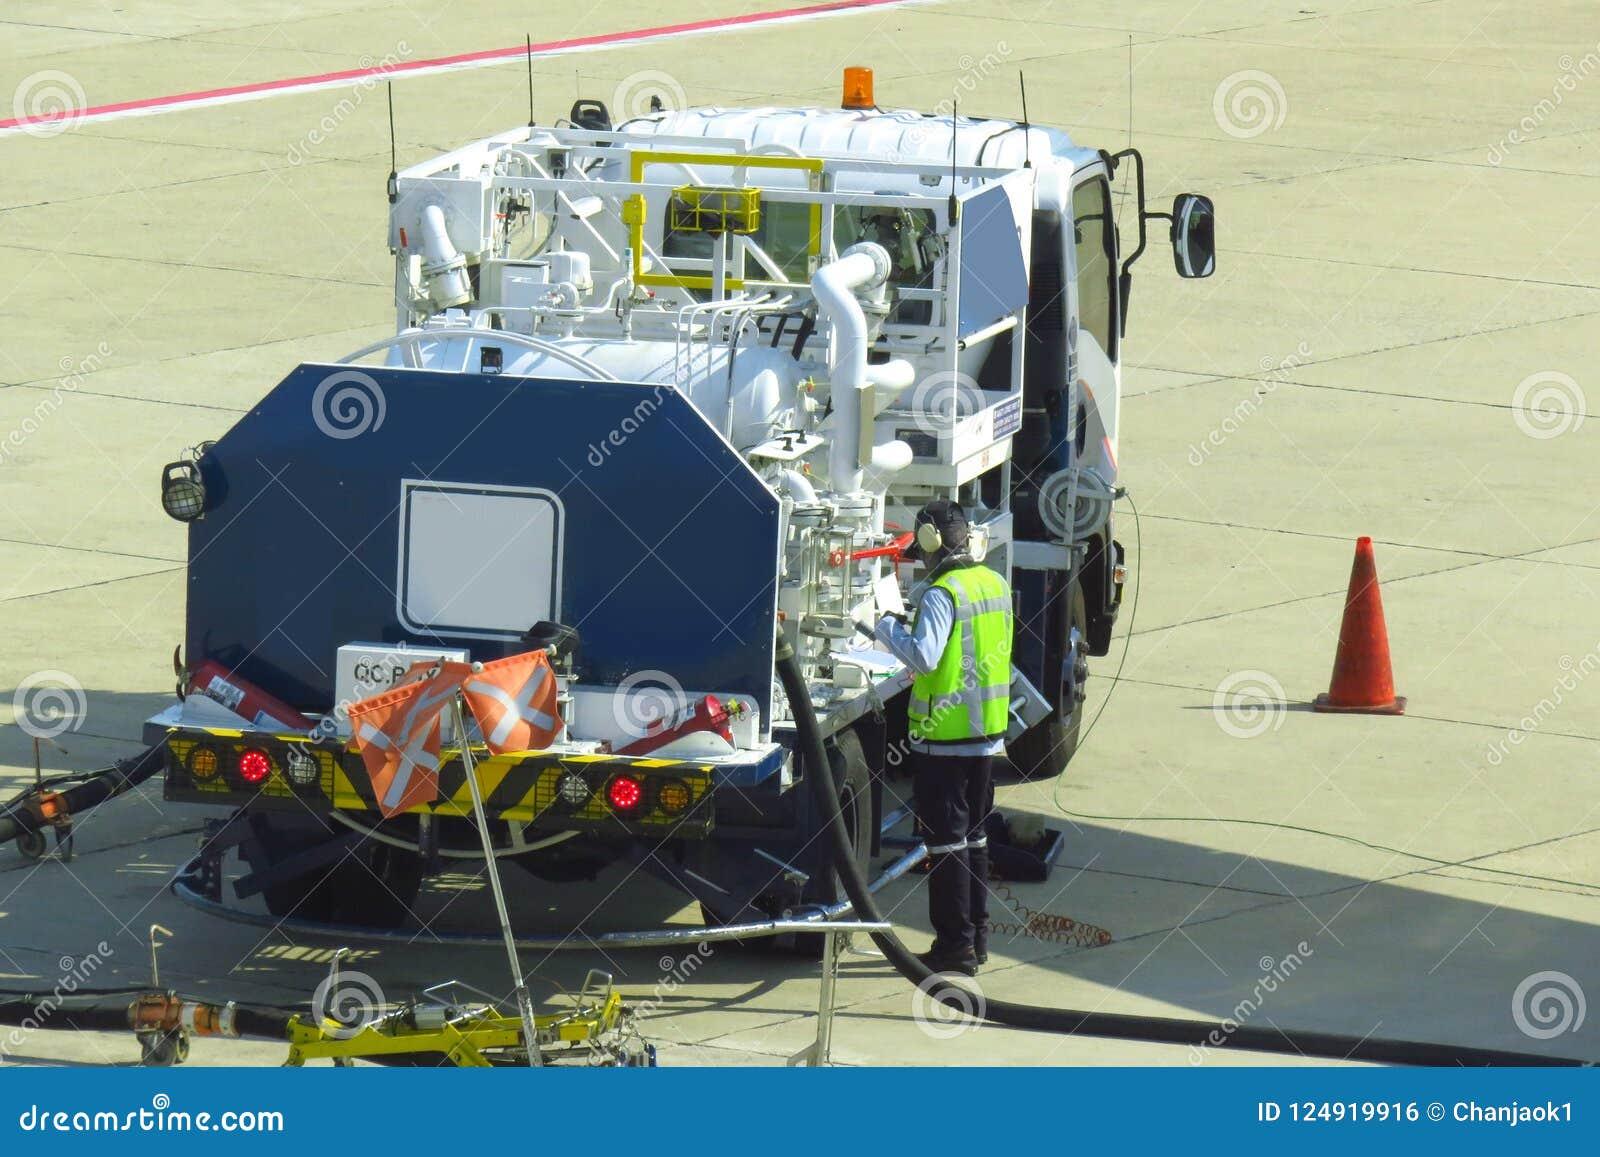 Tank vrachtwagen voor geparkeerd vliegtuig bij en wachtend tank het vliegtuig op grond in de luchthaven bij